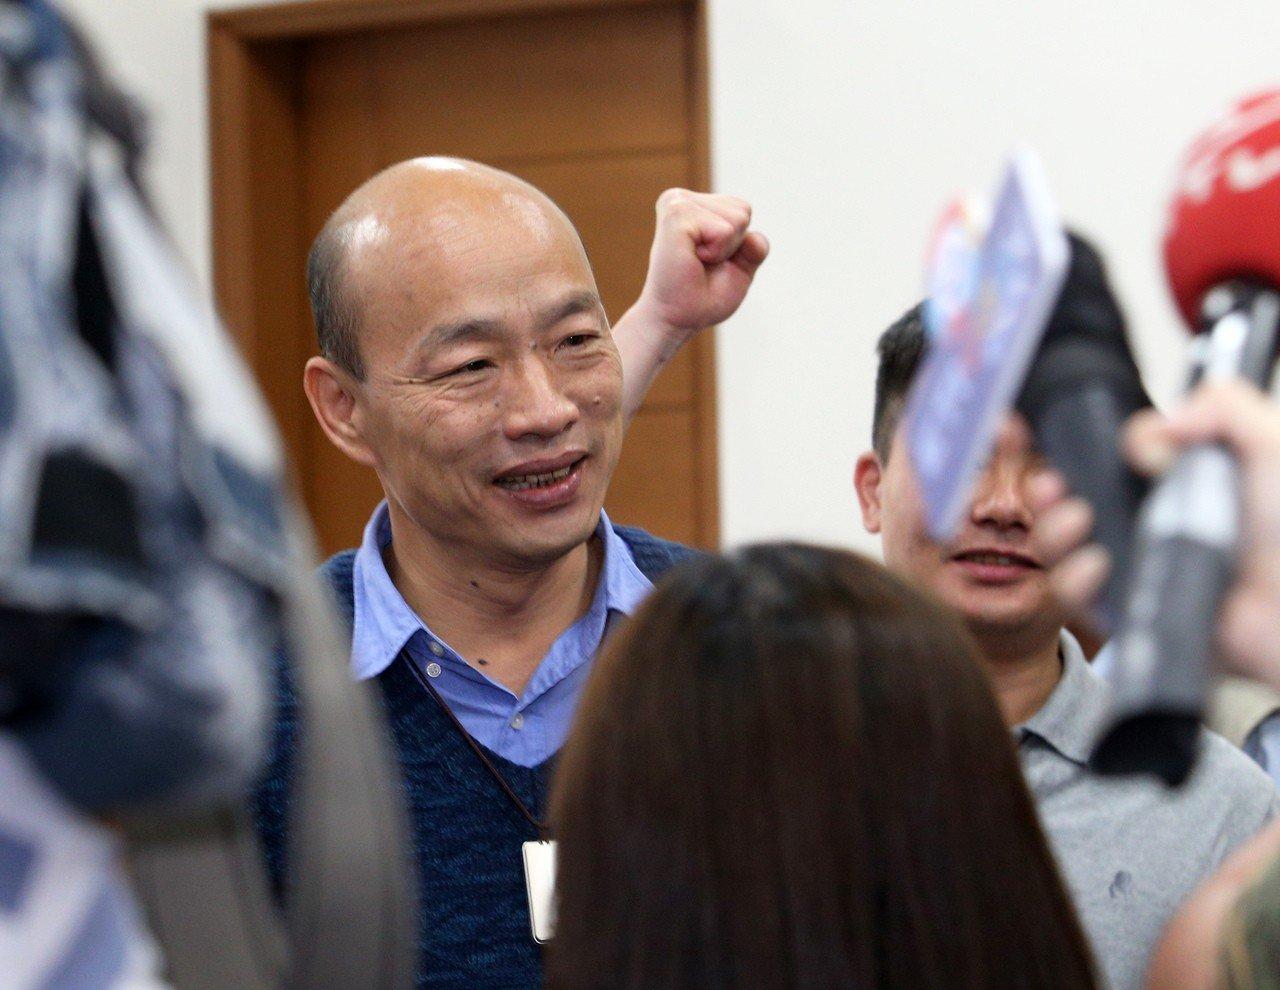 韓國瑜直言柯文哲聲勢看好 「他一面布局、一面保持微笑」